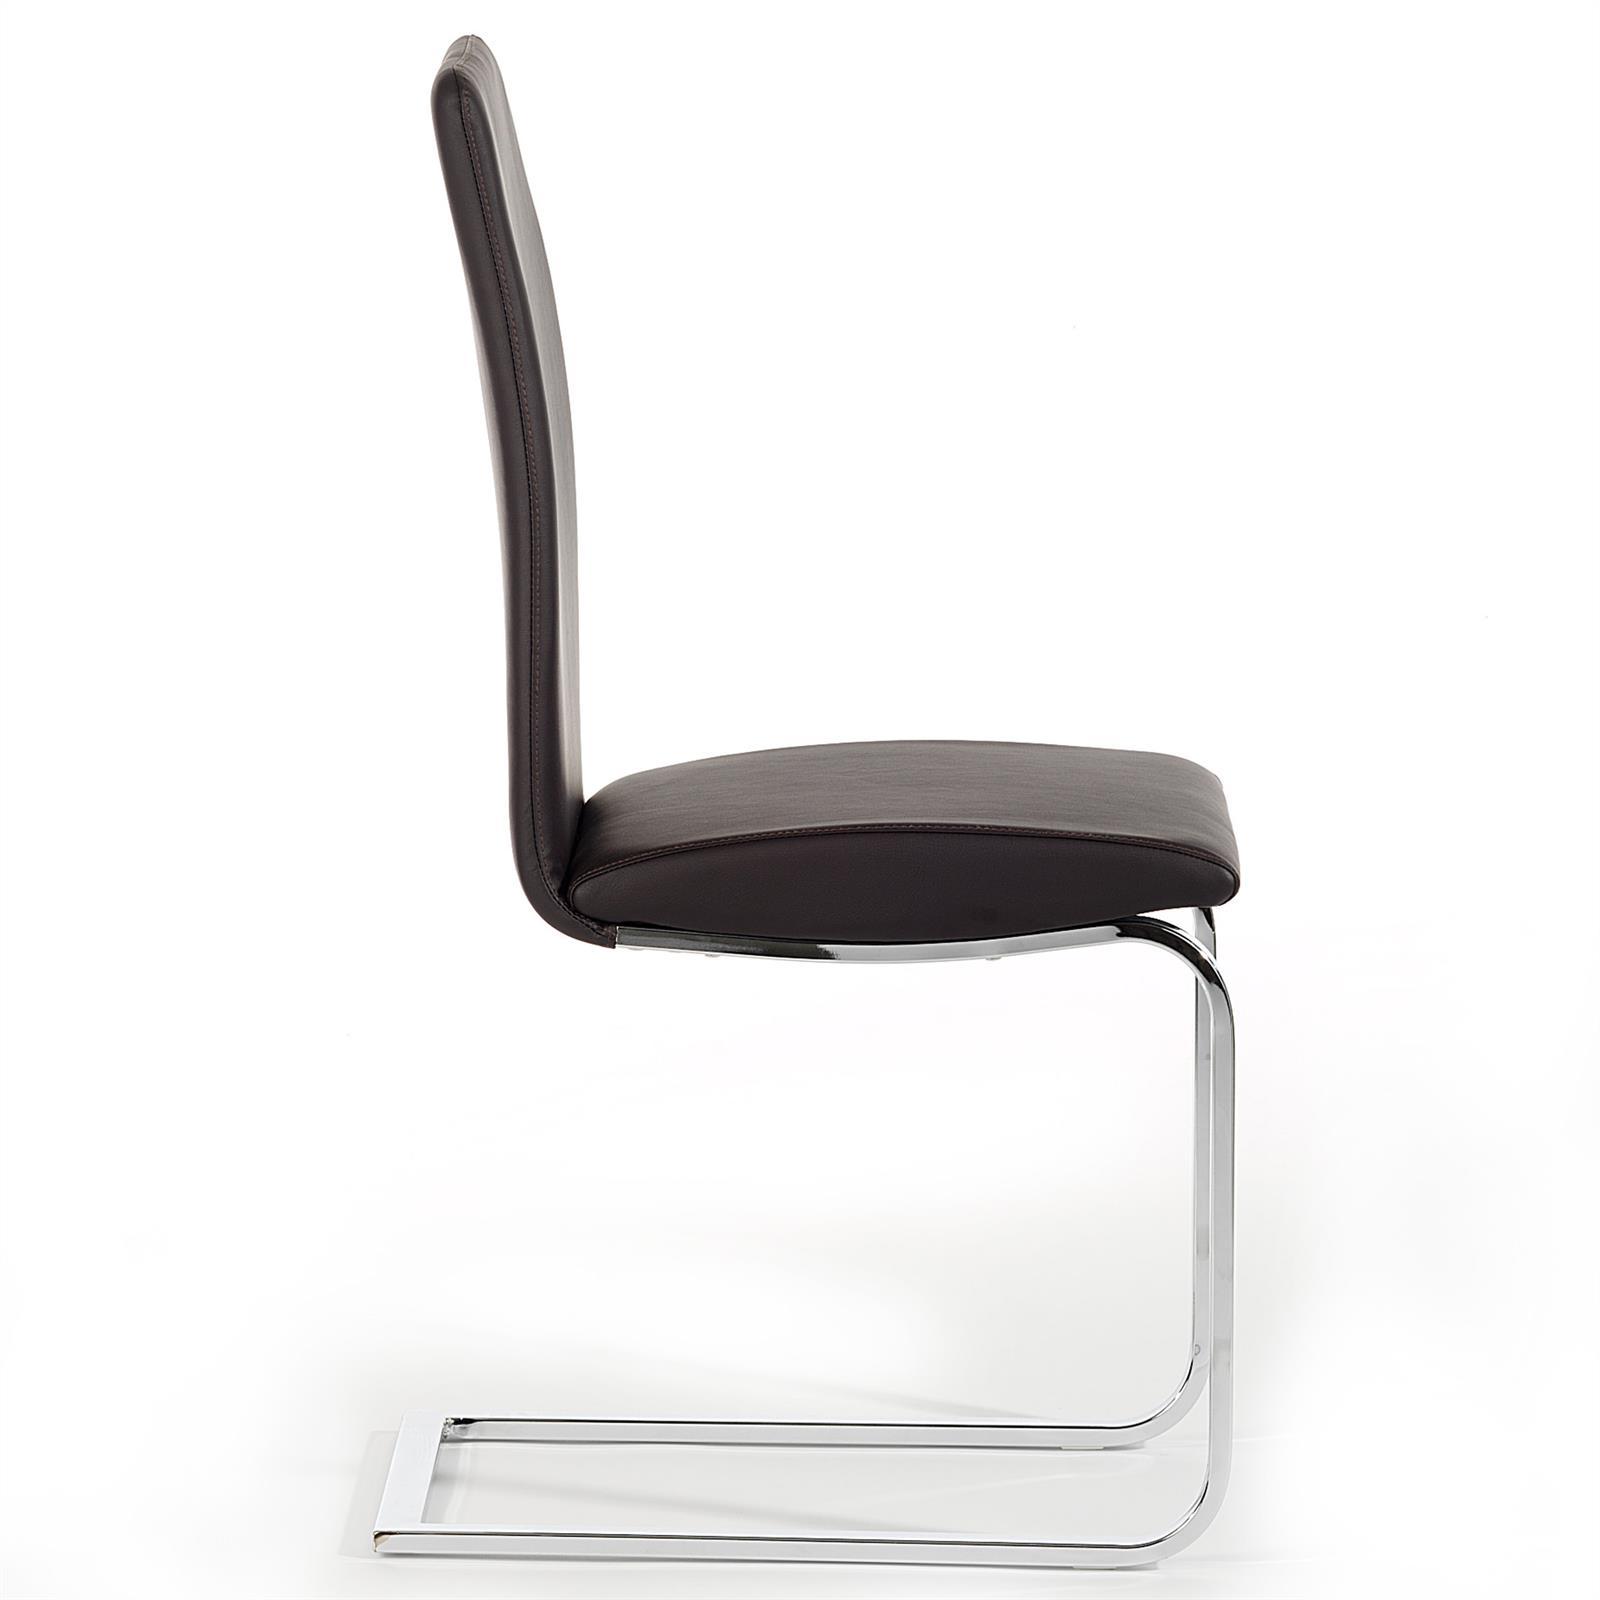 motors gen kollektion erkunden bei ebay. Black Bedroom Furniture Sets. Home Design Ideas